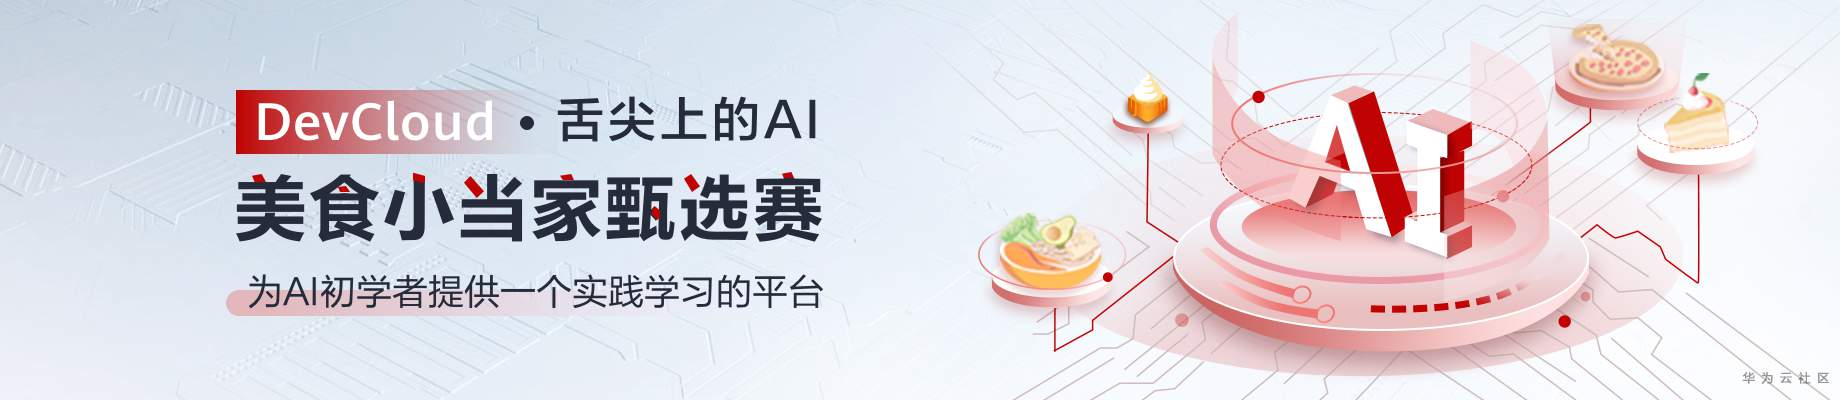 官网banner图.png